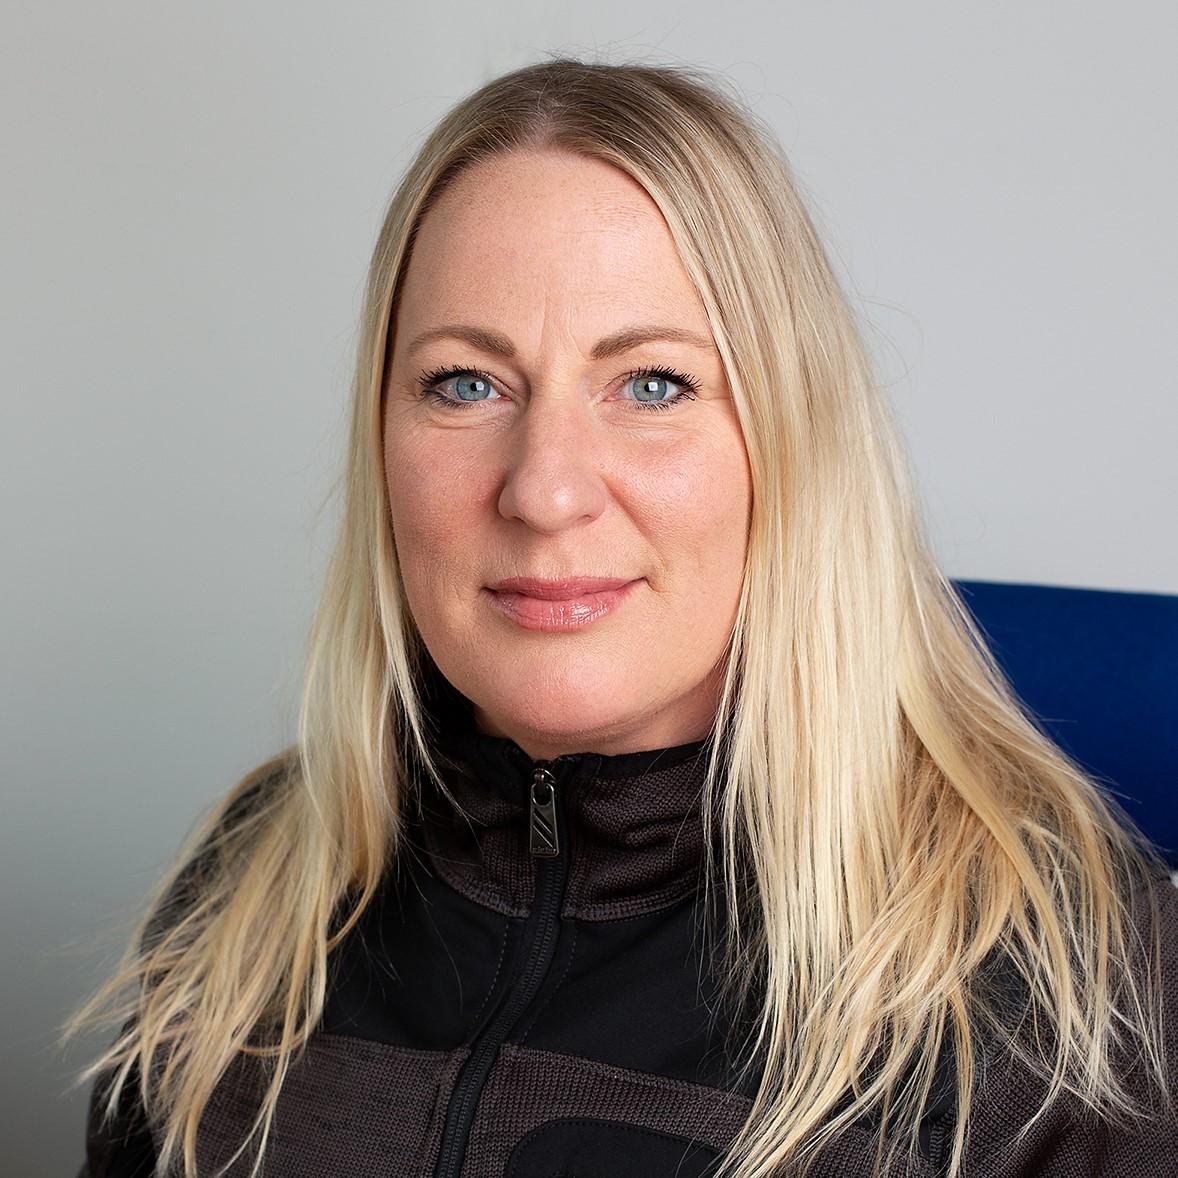 Marie Hofvendahl